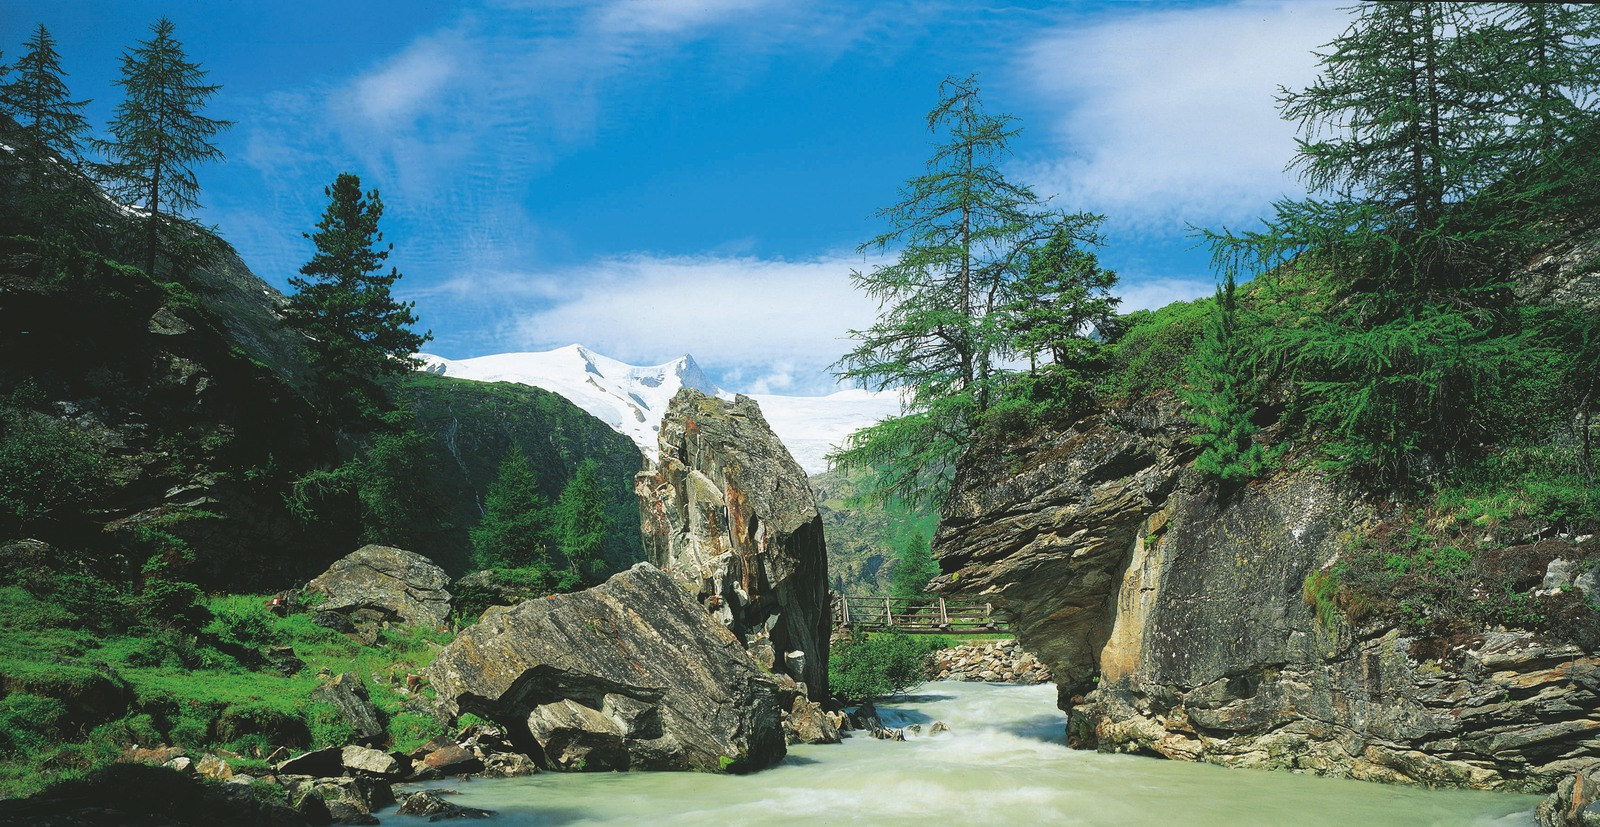 национальный парк хое тауэрн австрия лето